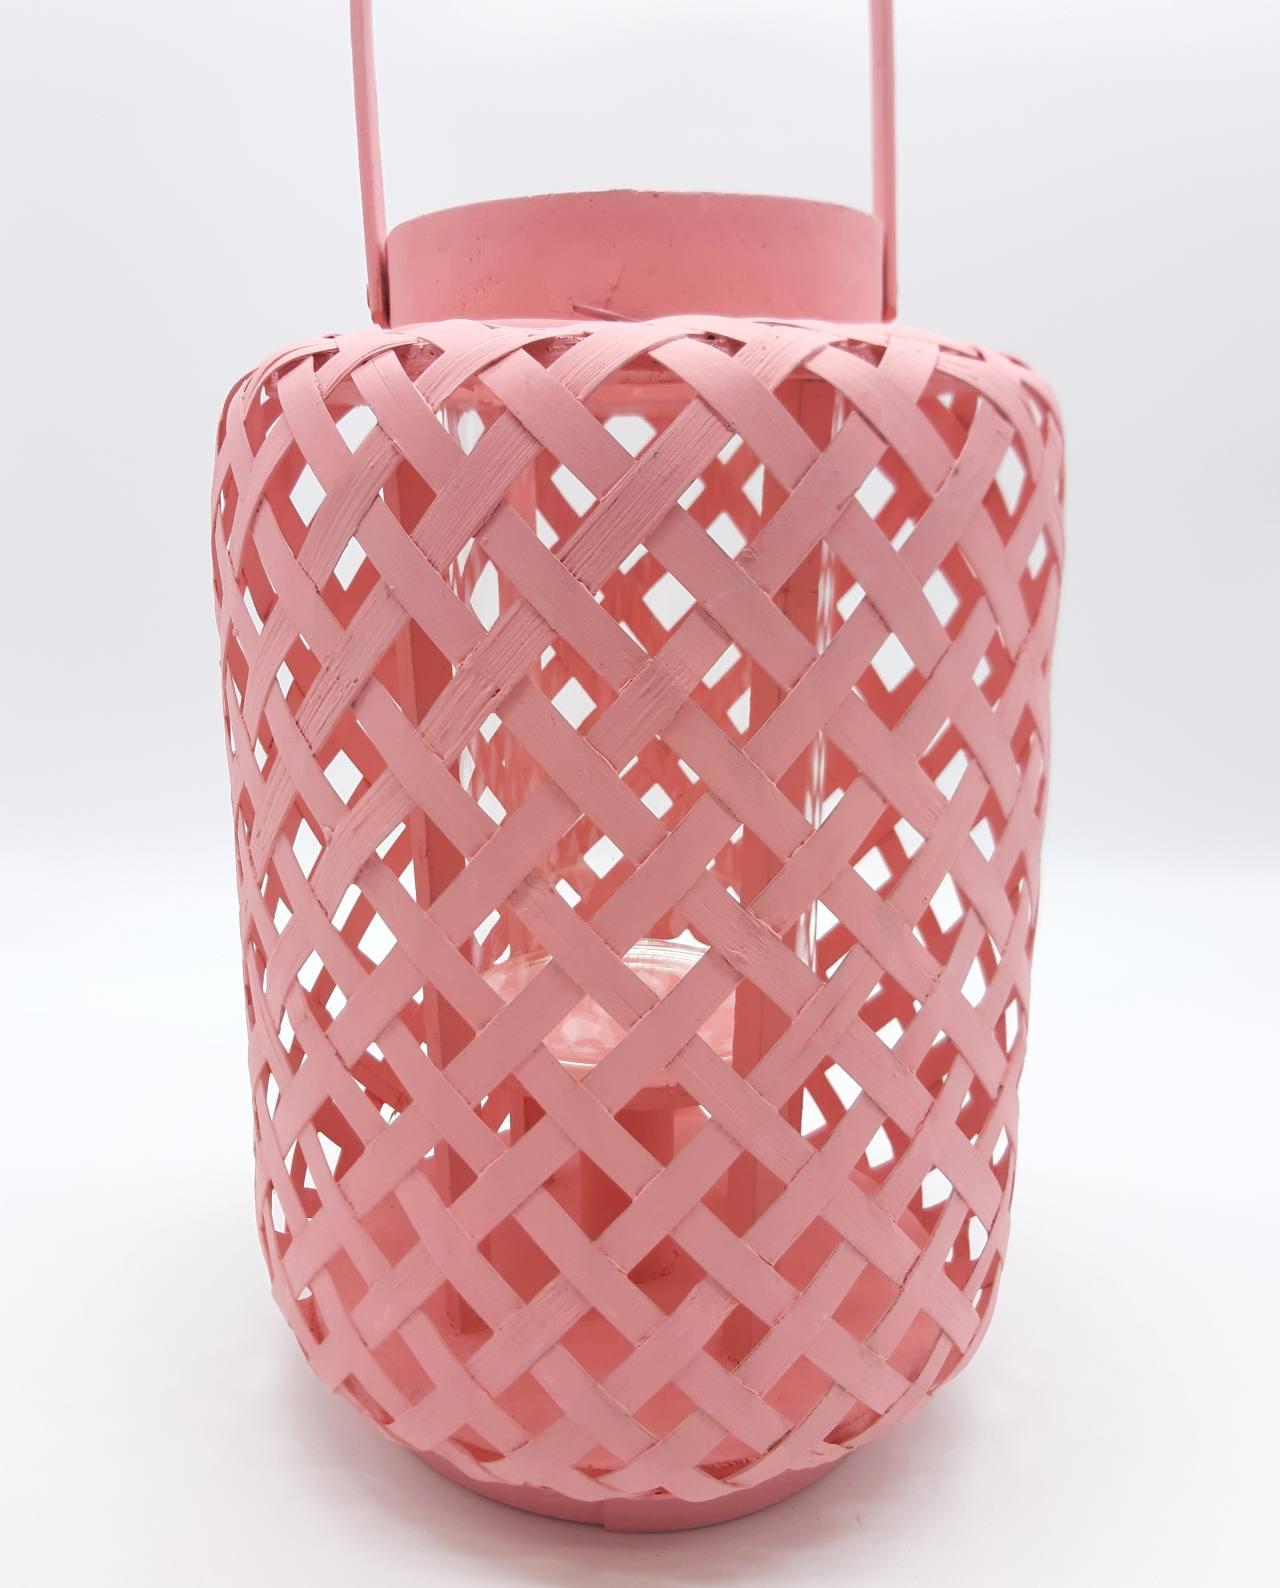 Φανάρι από μπαμπού με γυαλί, χρώμα παστελ ροζ. Διάσταση: ύψους 30 cm, διαμέτρου 21 cm